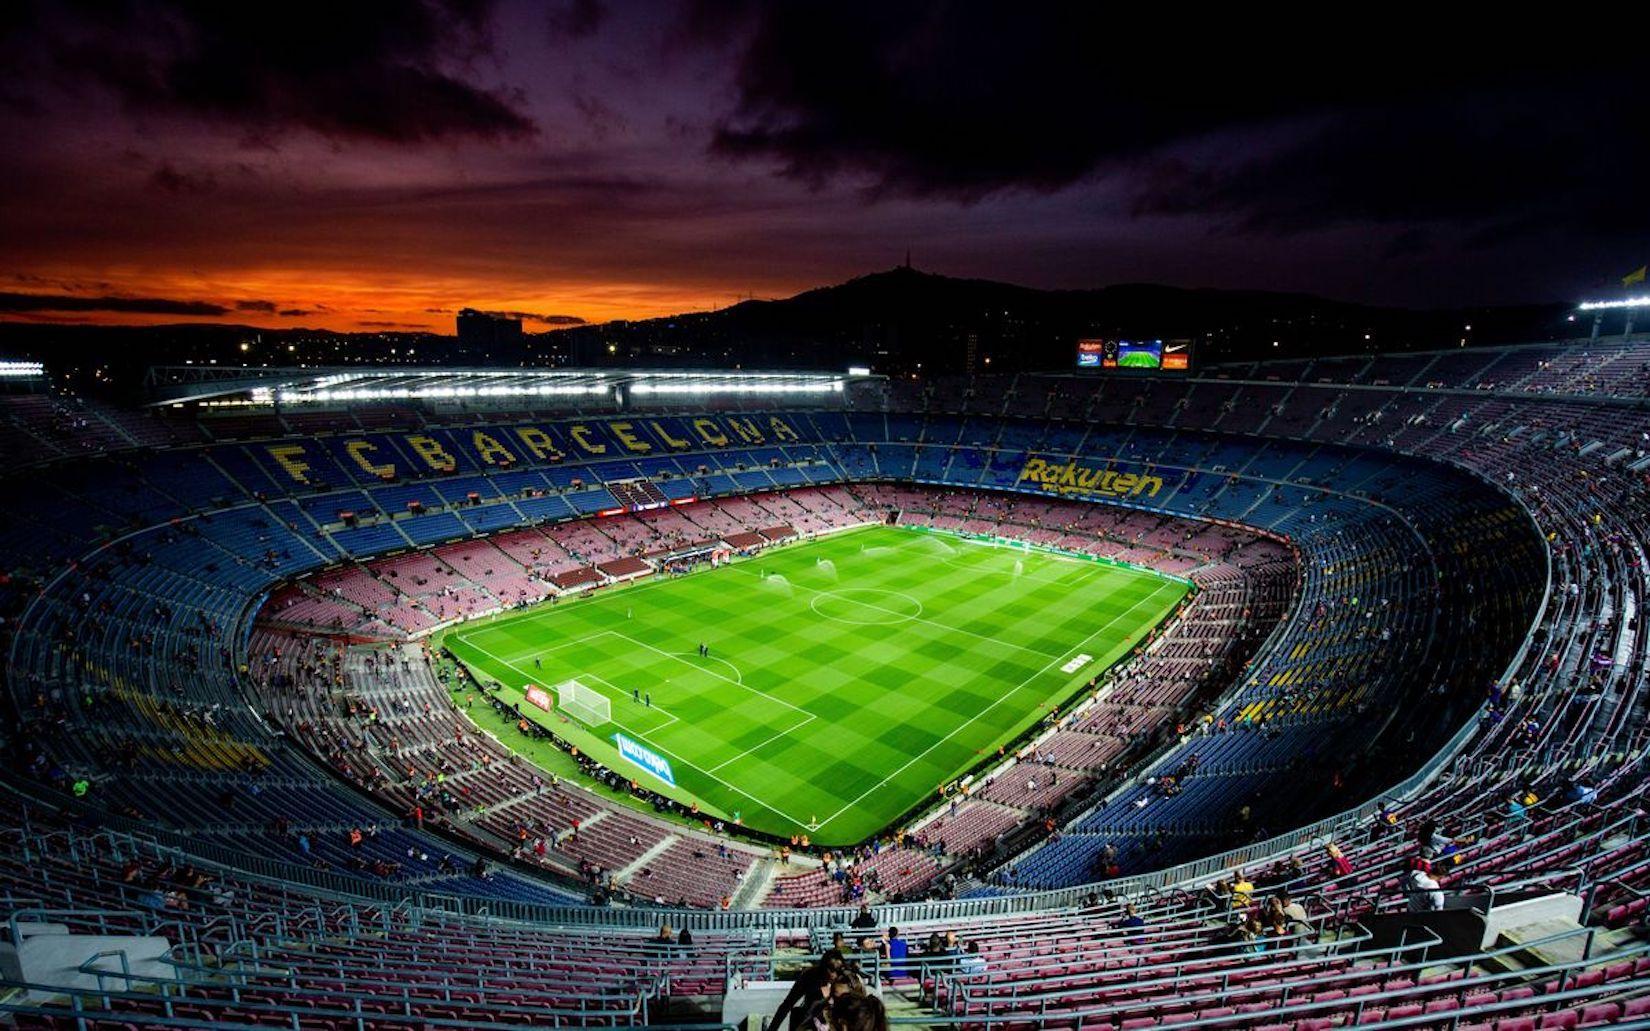 El Camp Nou, abans d'un partit | FC Barcelona